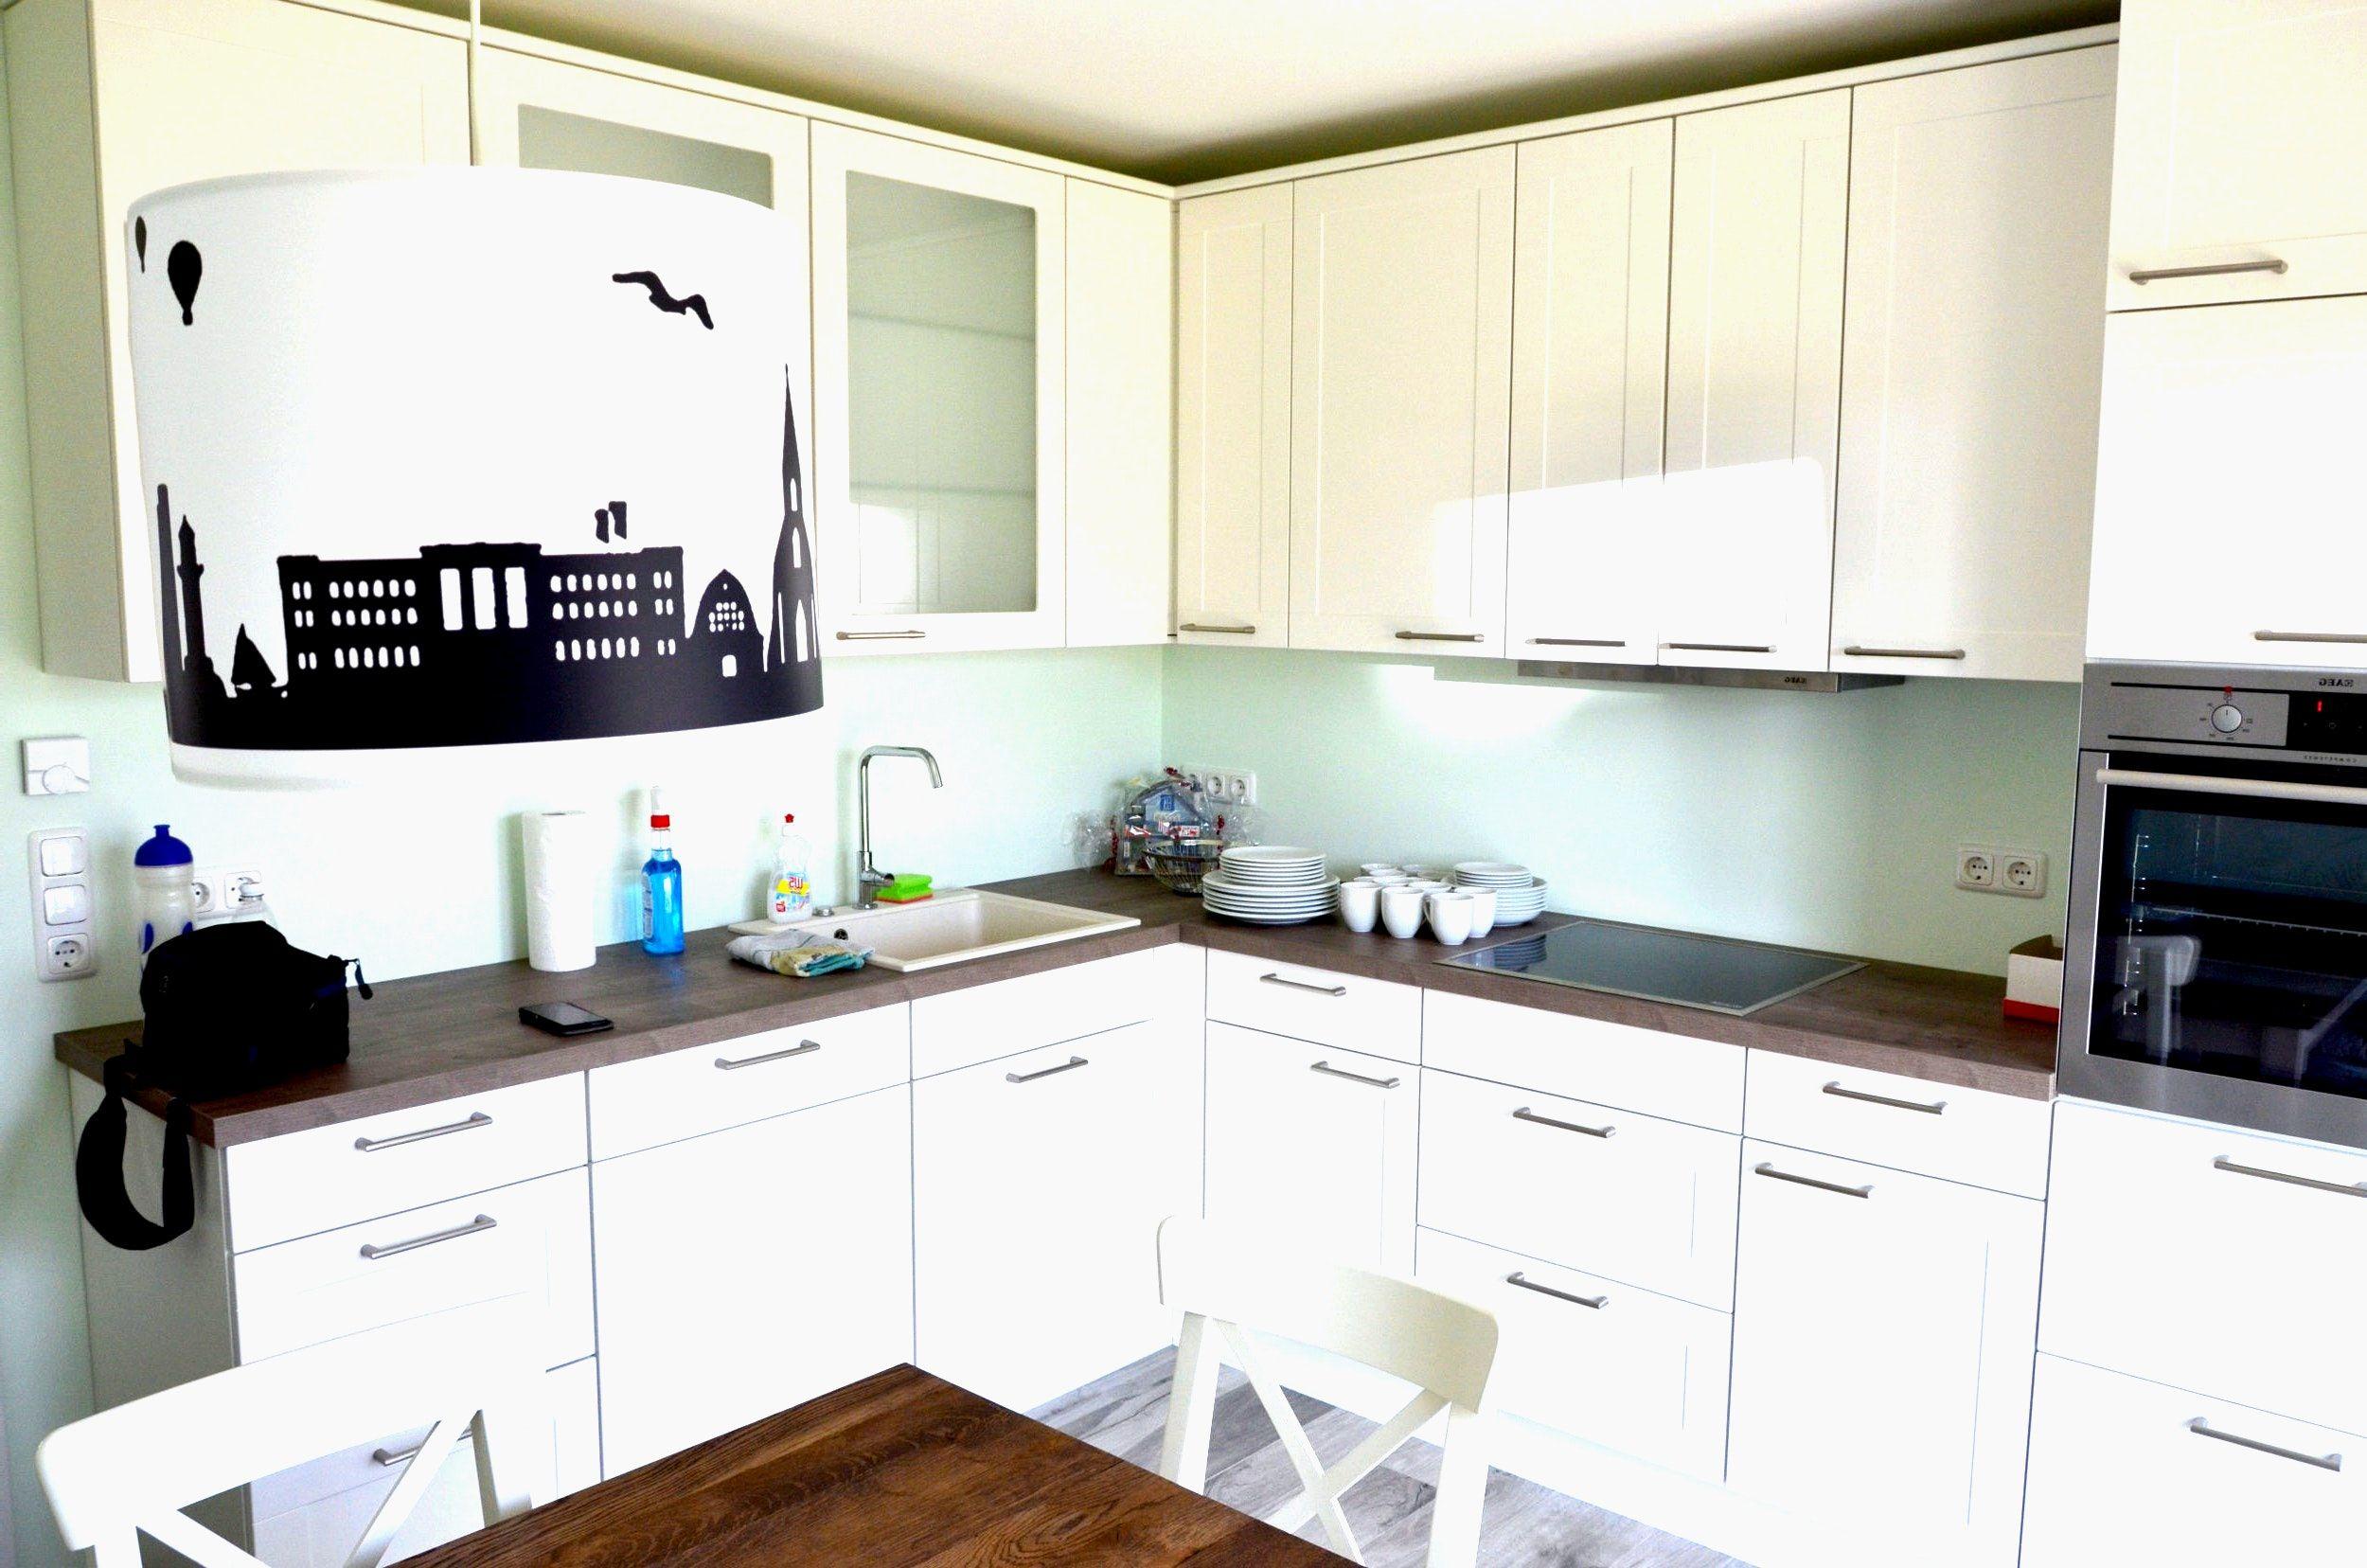 Full Size of Poco Küchenmöbel Kche Garantie Judith Gewhrleistung Beschwerde Gnstig Küche Big Sofa Bett Schlafzimmer Komplett 140x200 Betten Wohnzimmer Poco Küchenmöbel